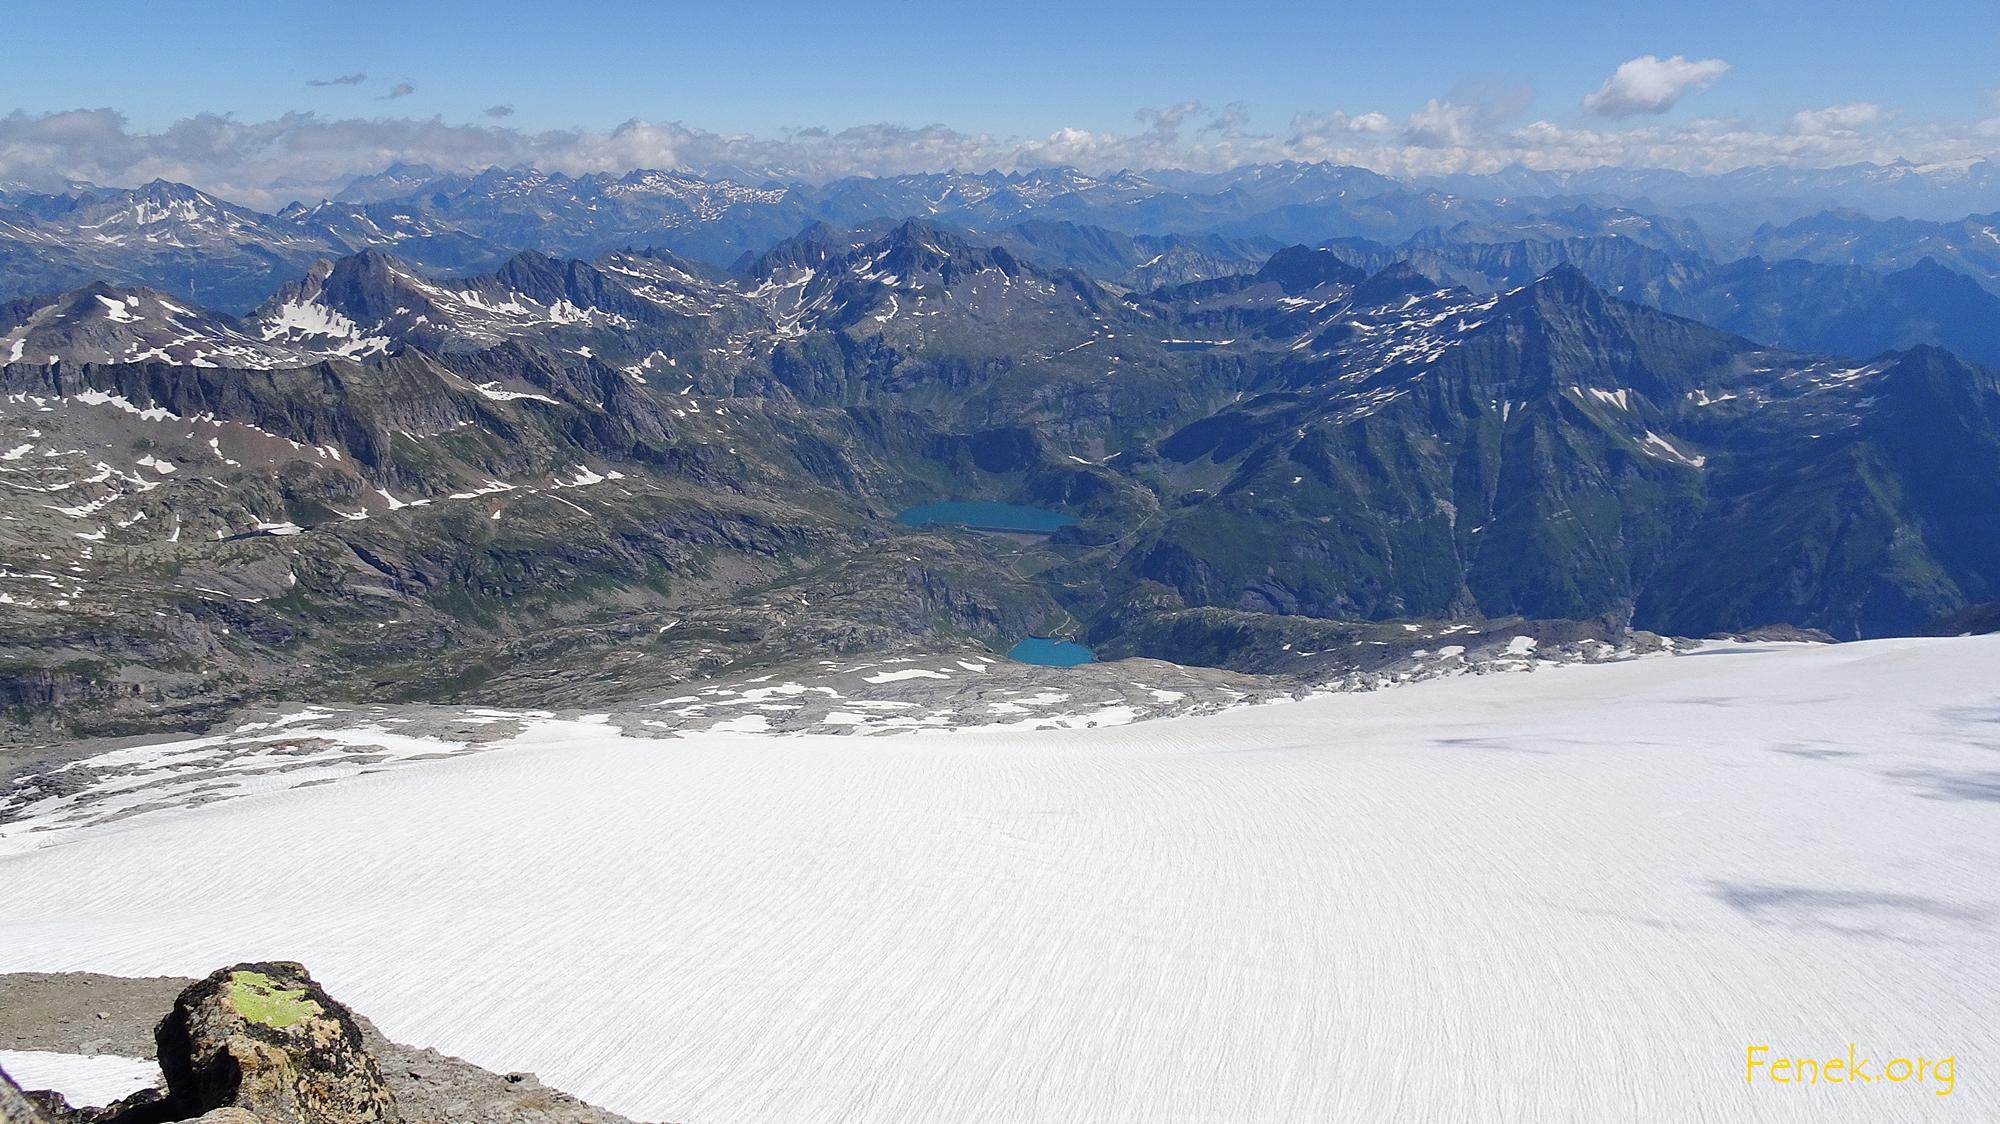 der Gletscher der uns viel Schweiss kostete....beim hinteren Stausee ist Tourende